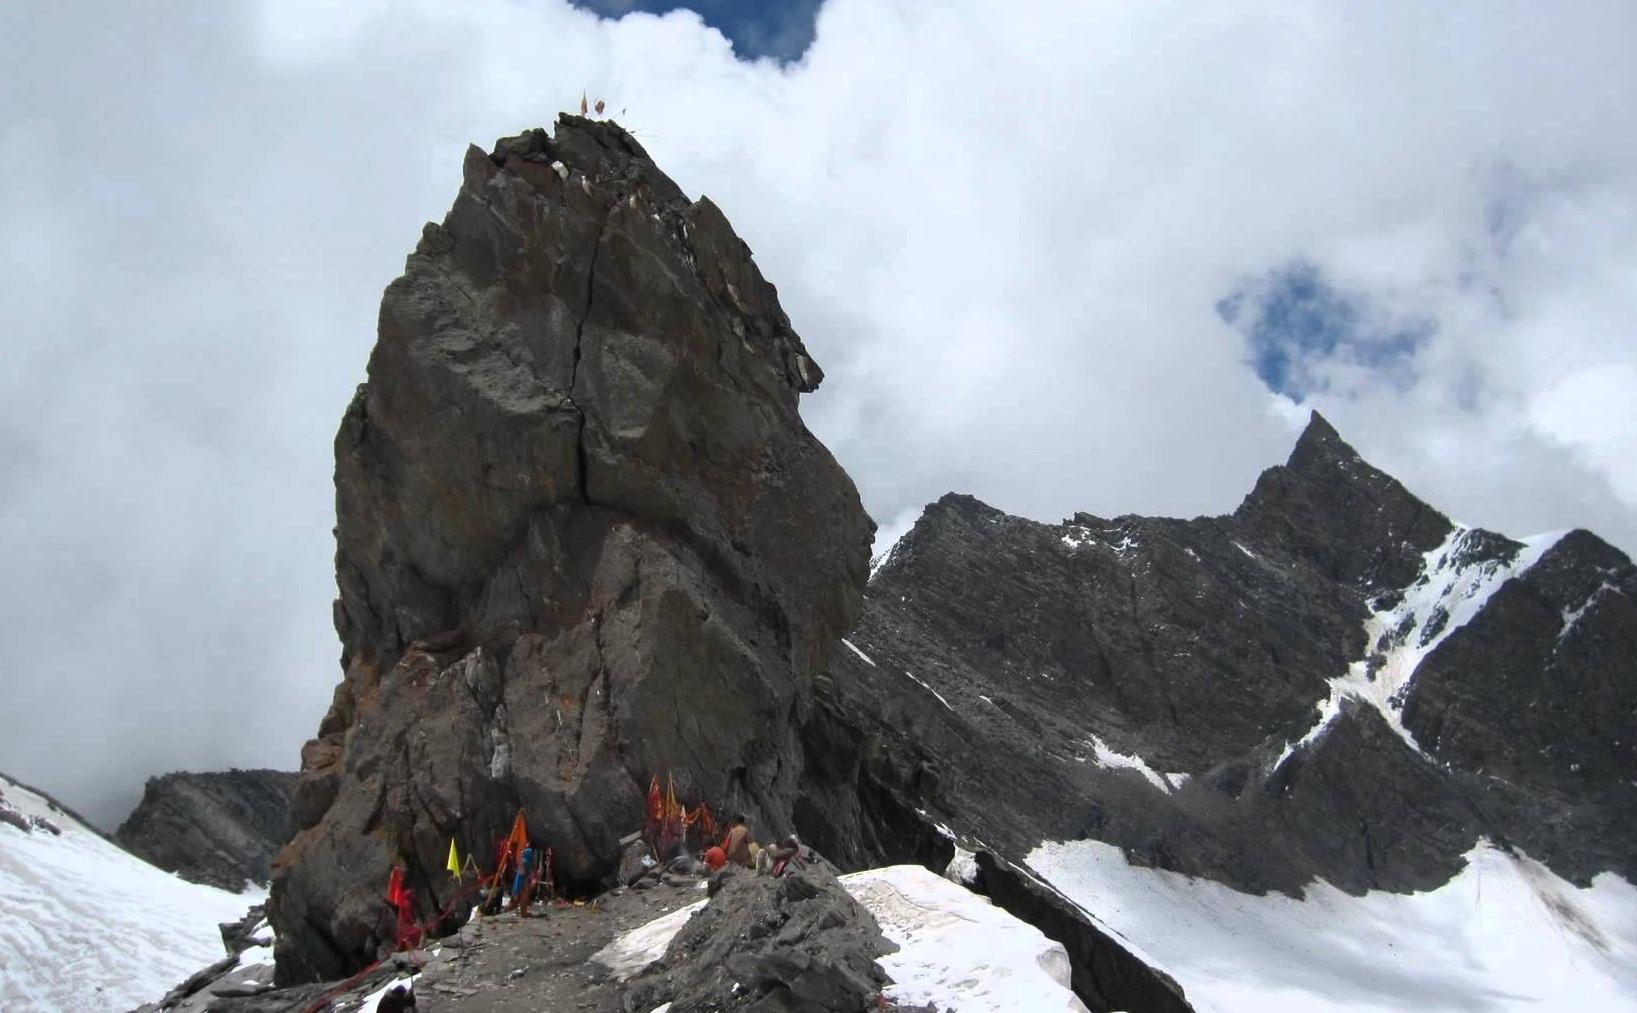 Shrikhand Mahadev Yatra – India's toughest pilgrimage